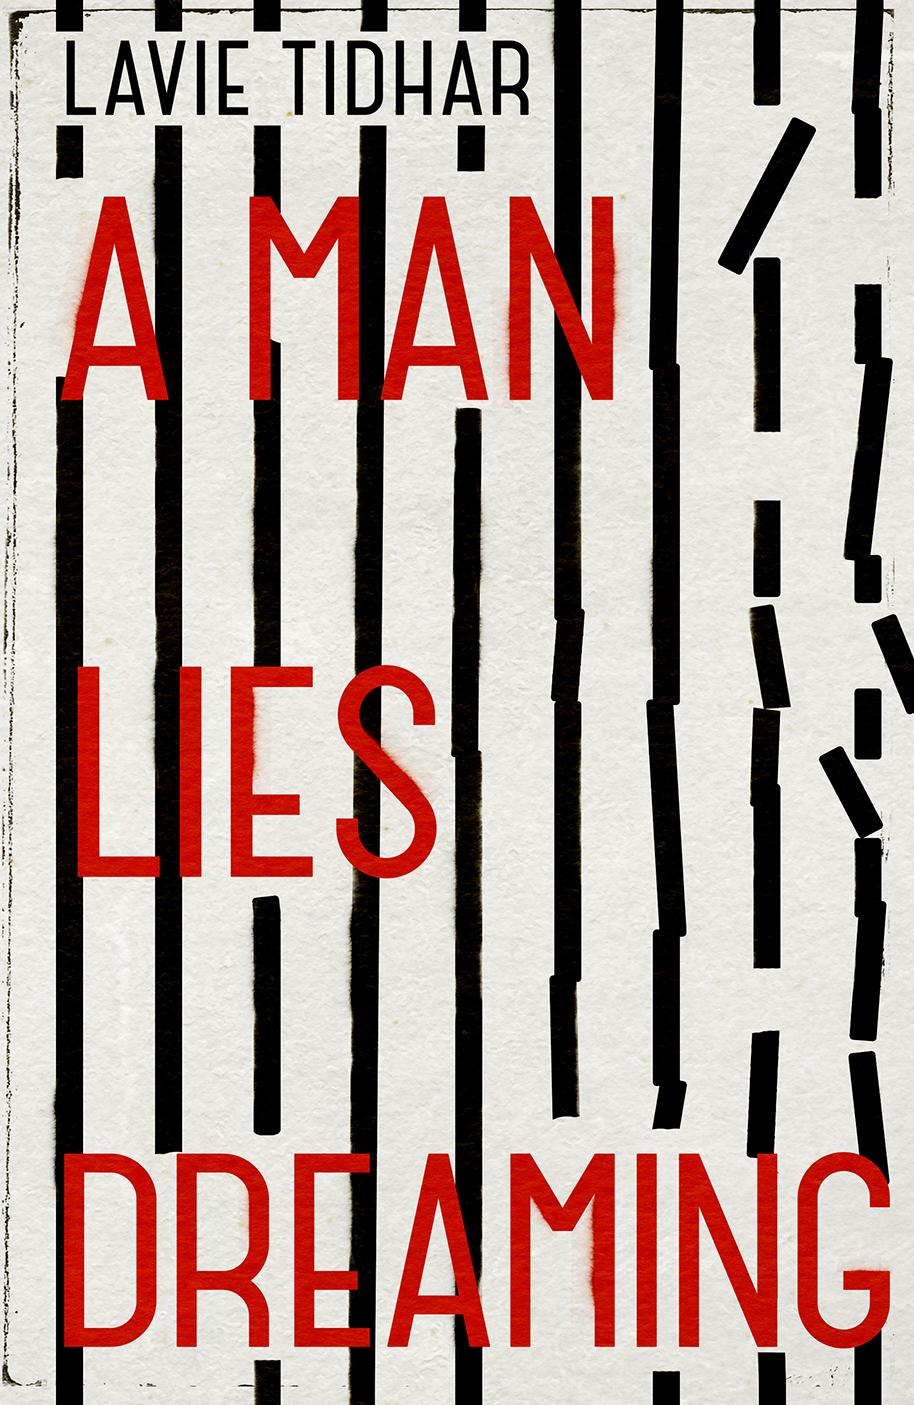 a-man-lies2207.jpg